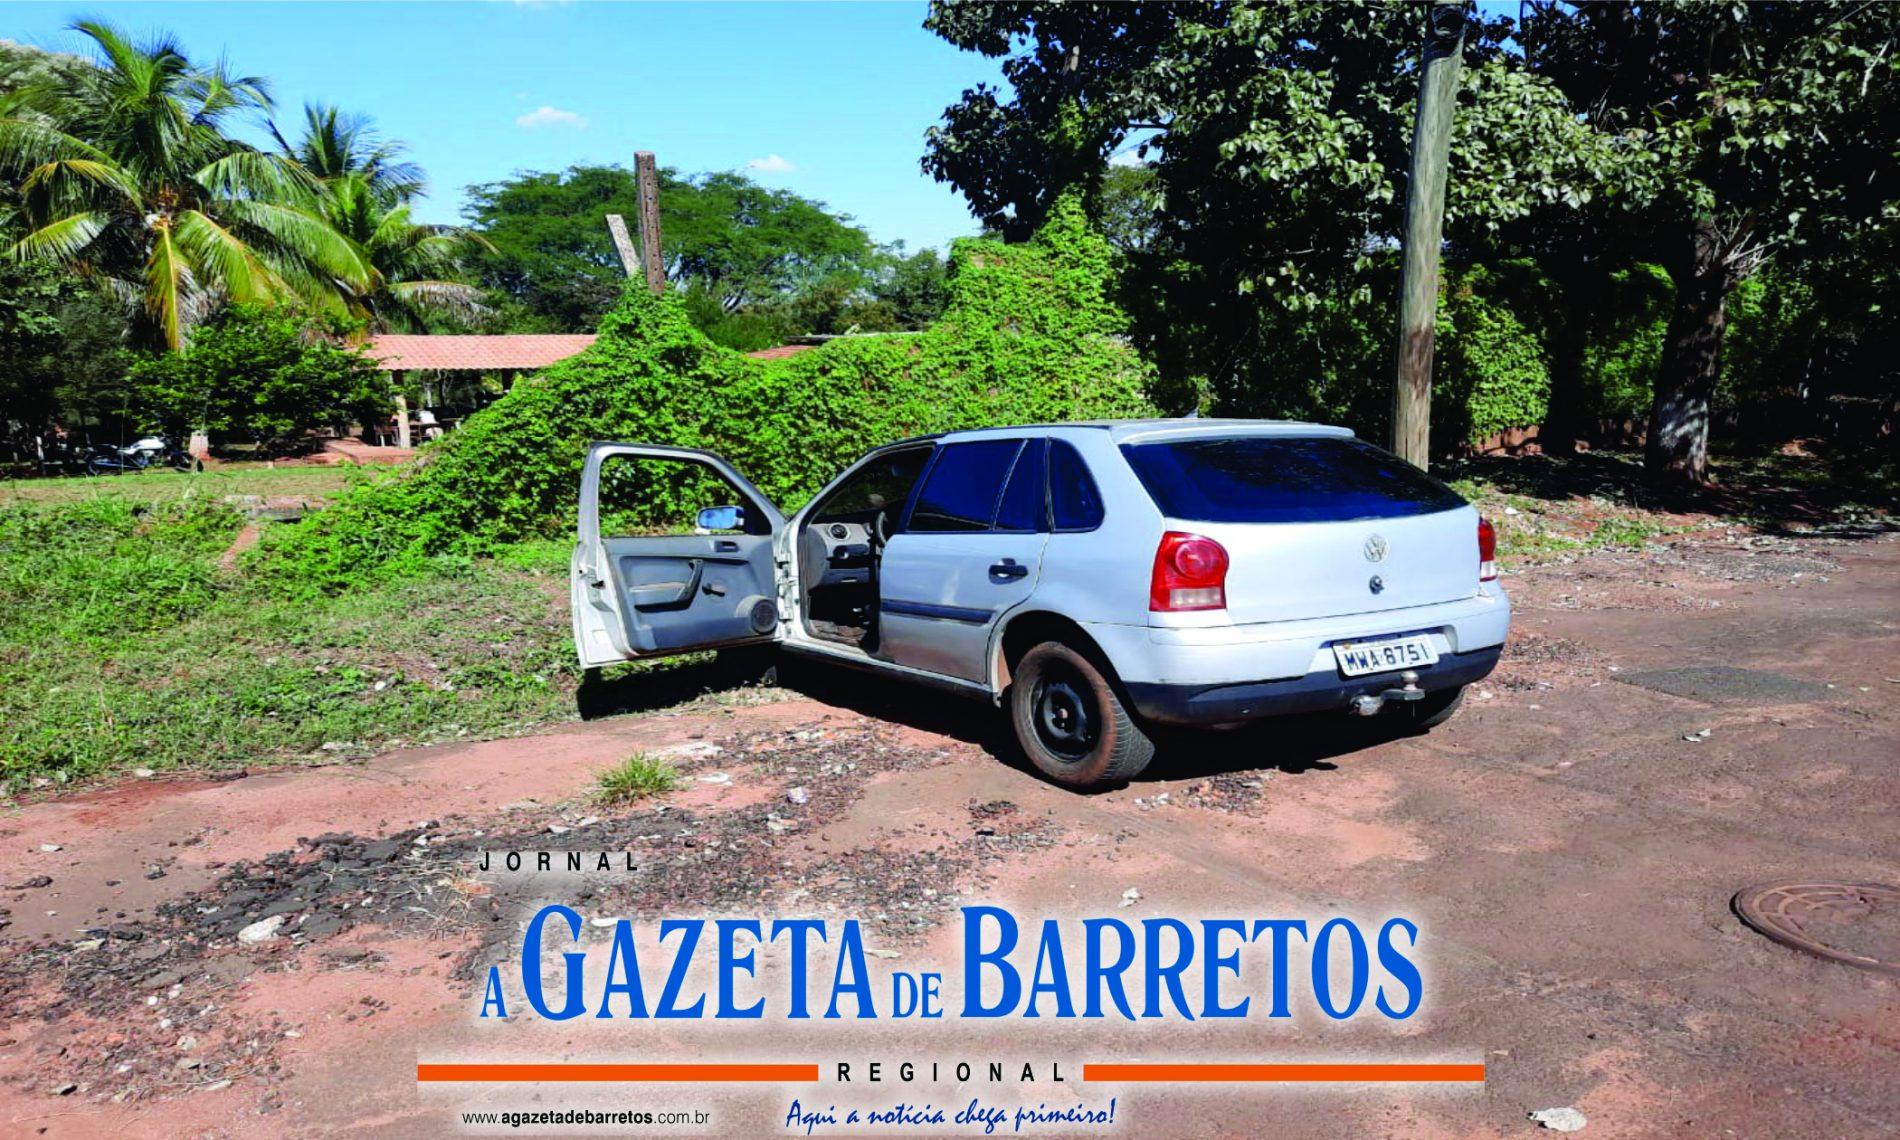 BARRETOS: Após fuga, indivíduo foge abandonando veículo e drogas